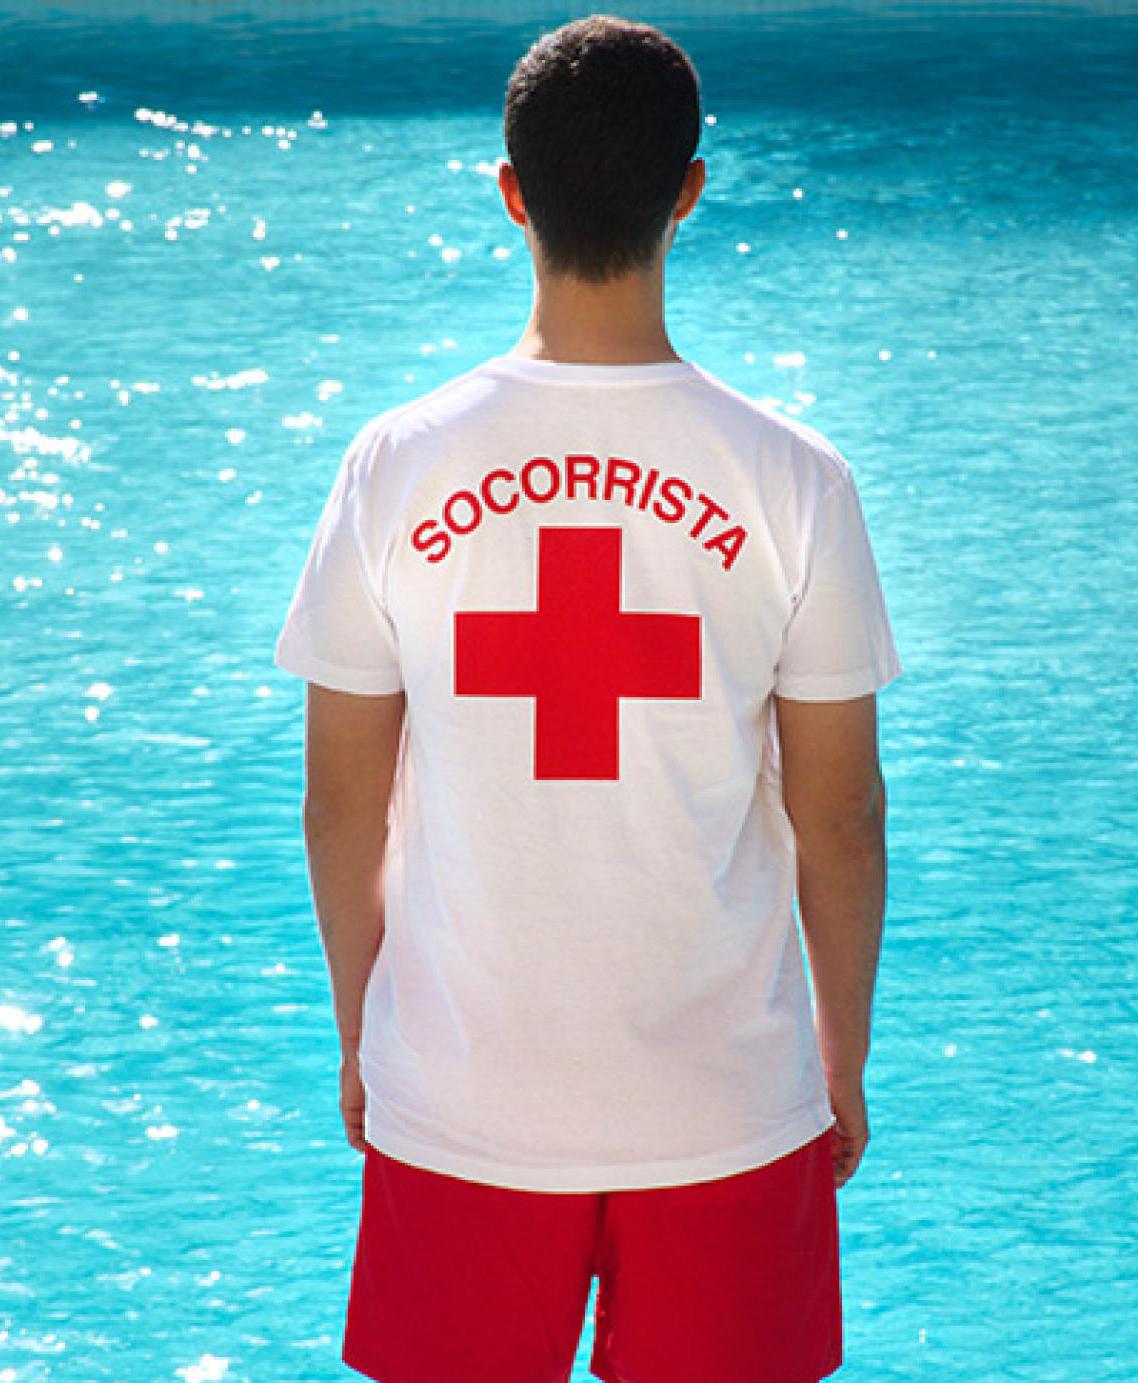 En manos de los socorristas tribuna de la moraleja - Socorrista de piscina ...